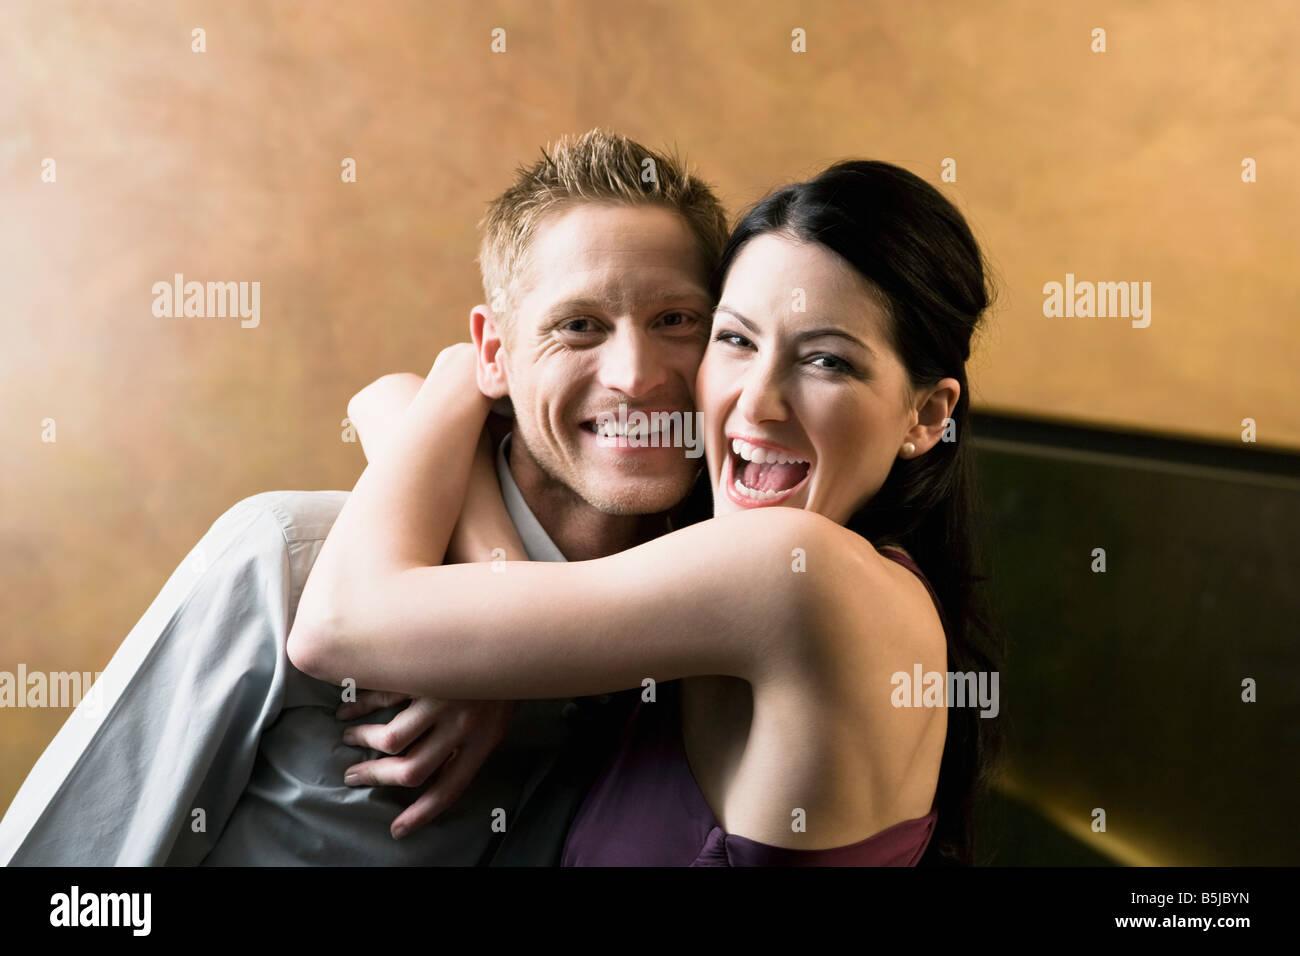 Frauen flirten miteinander